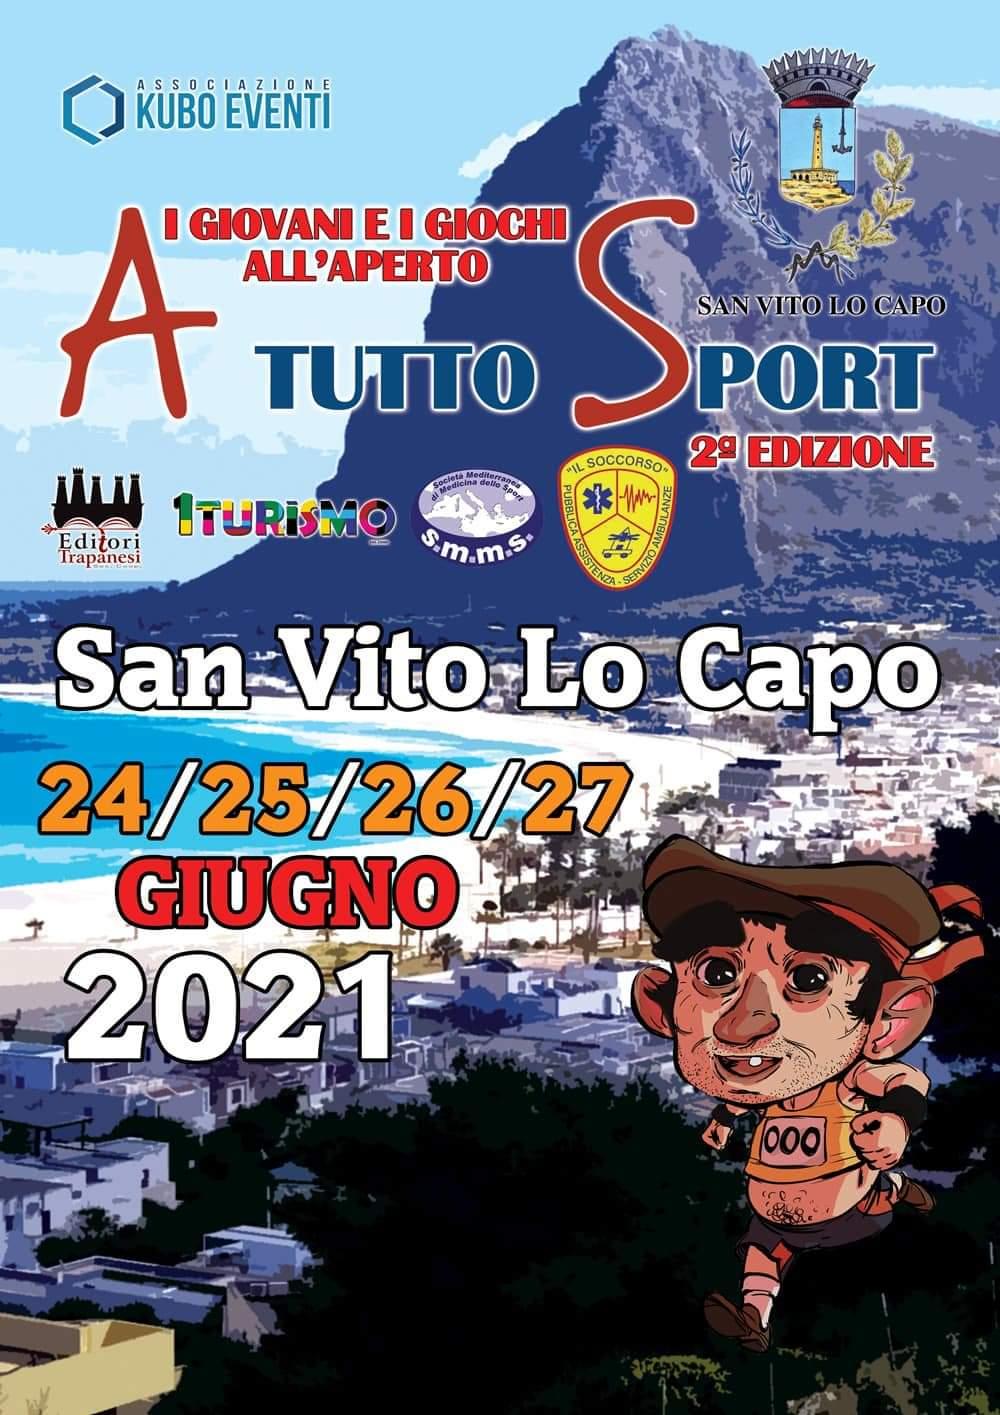 """In programma a S. Vito nel mese di giugno """"A tutto sport – I giovani e i giochi all' aperto"""""""